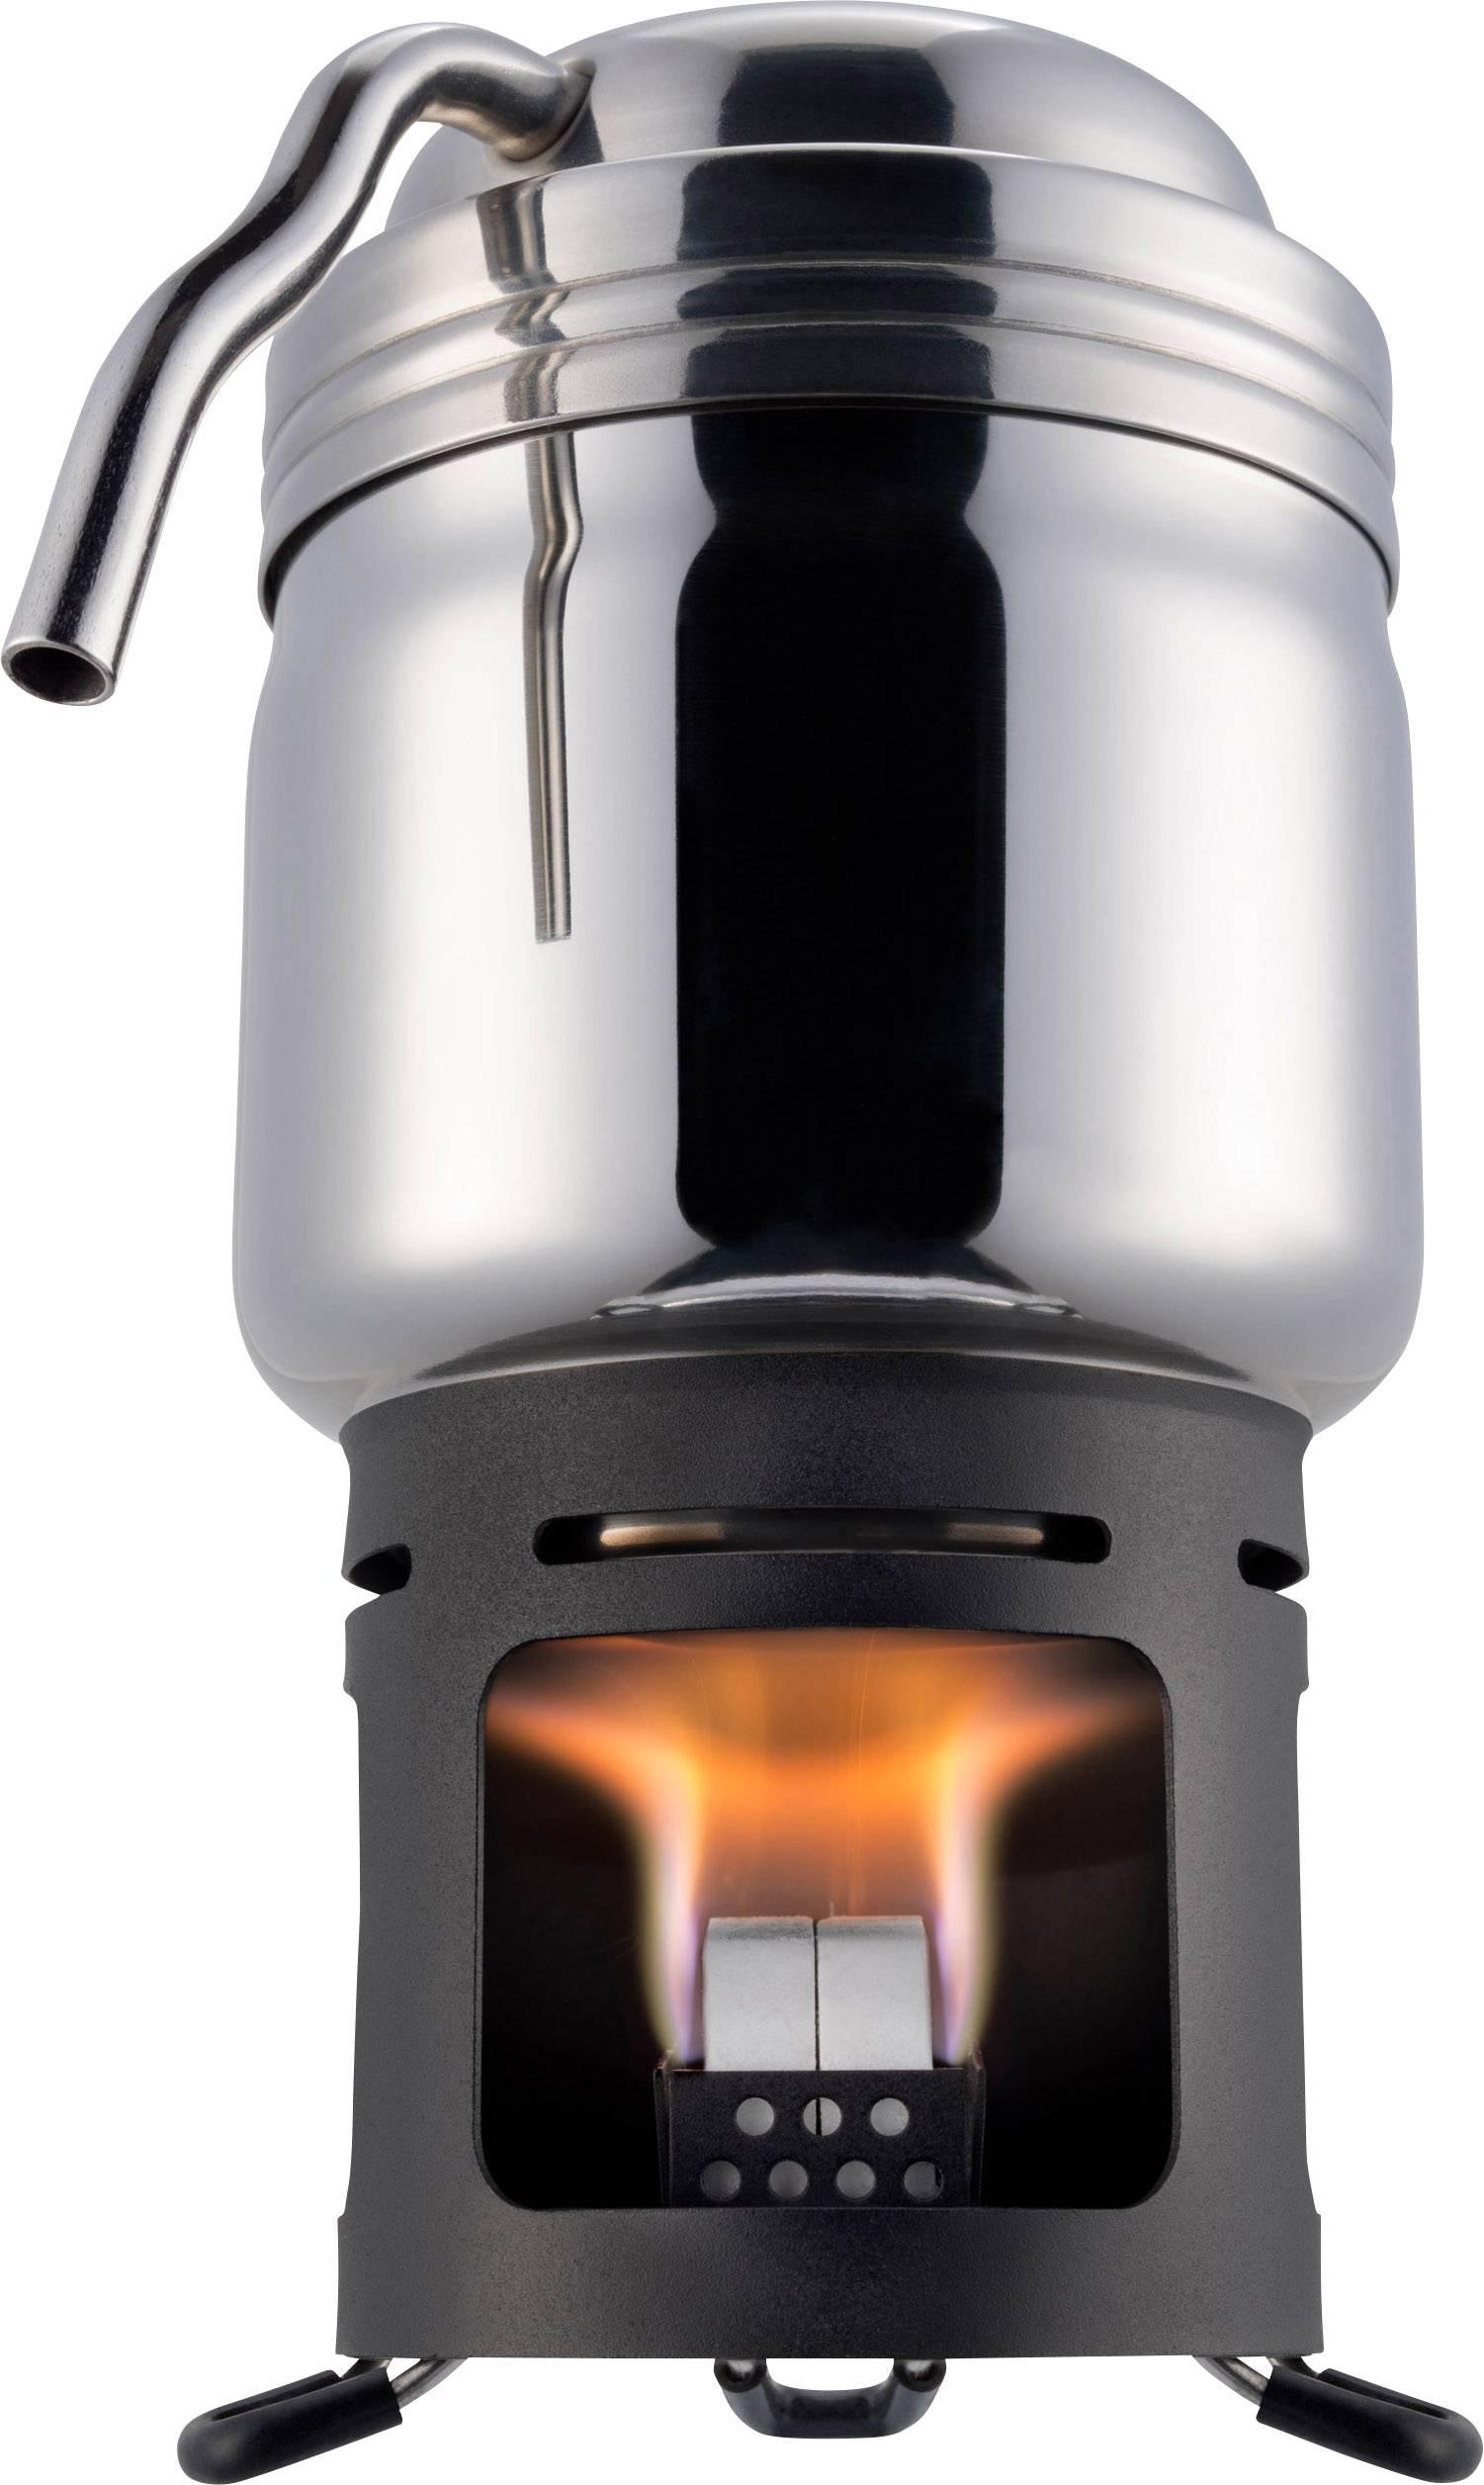 Kempingový vařič Esbit coffeemaker 20102400, nerezová ocel, hliník